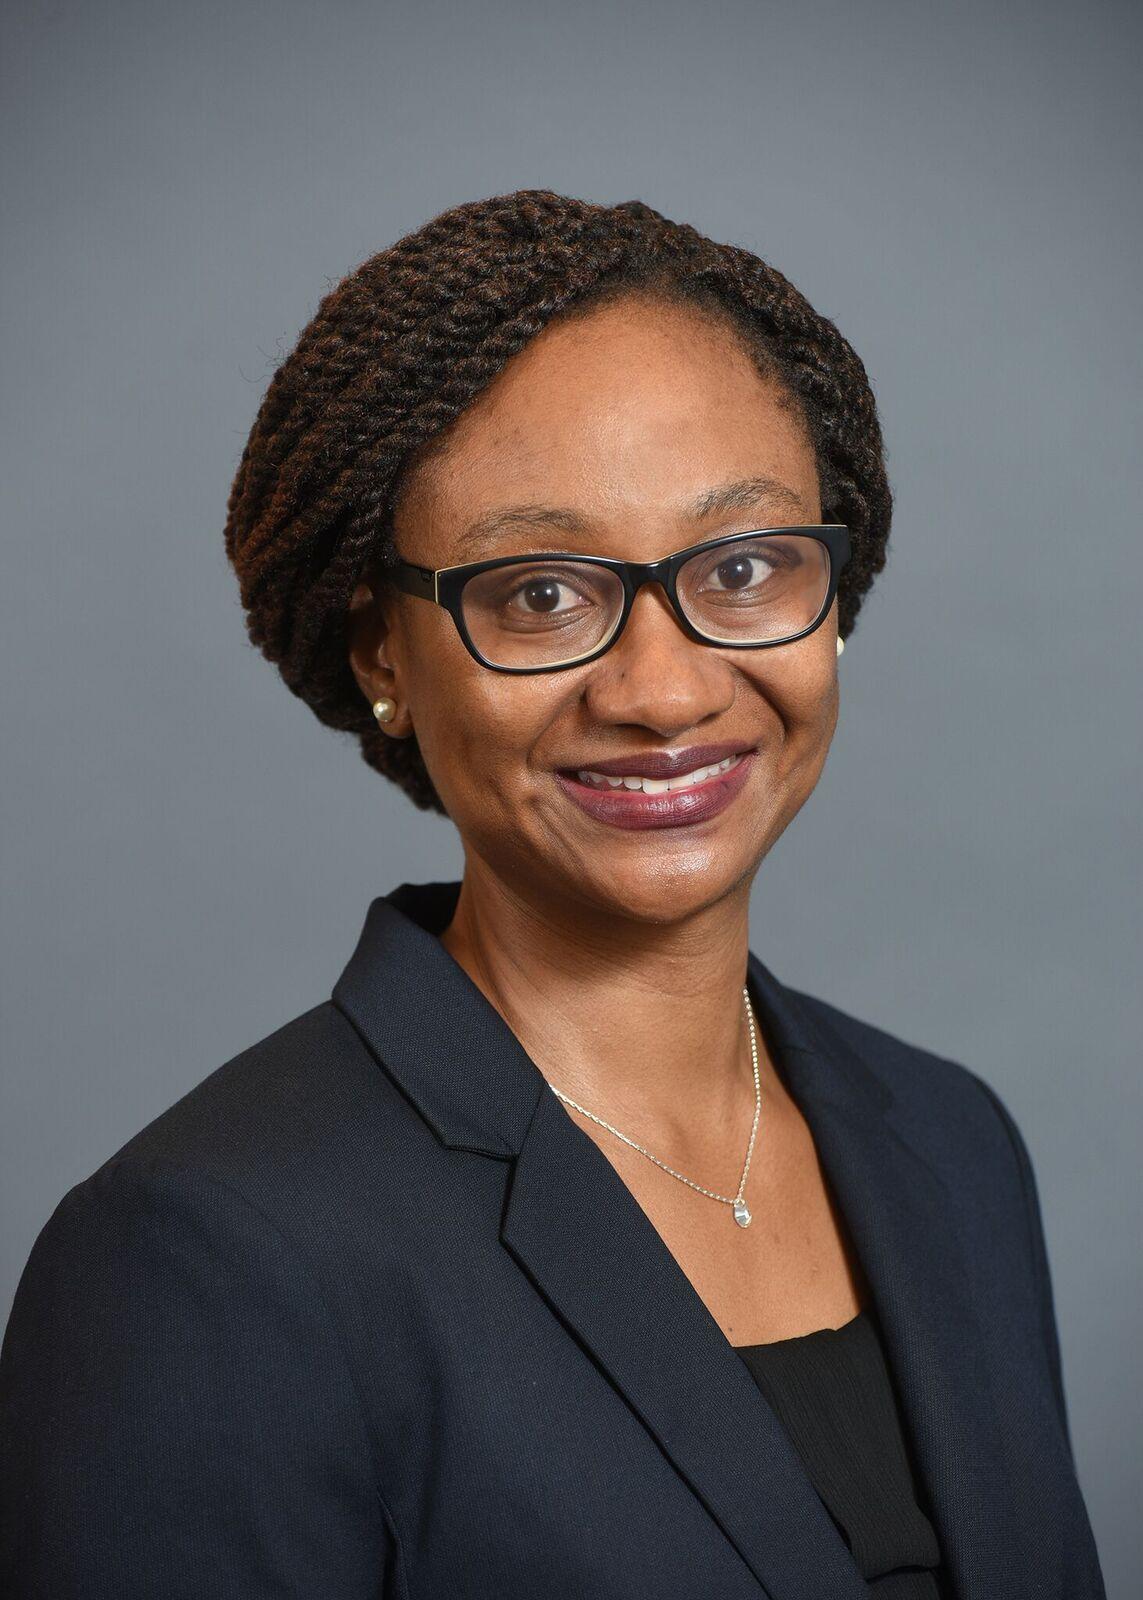 Fiona Mwale